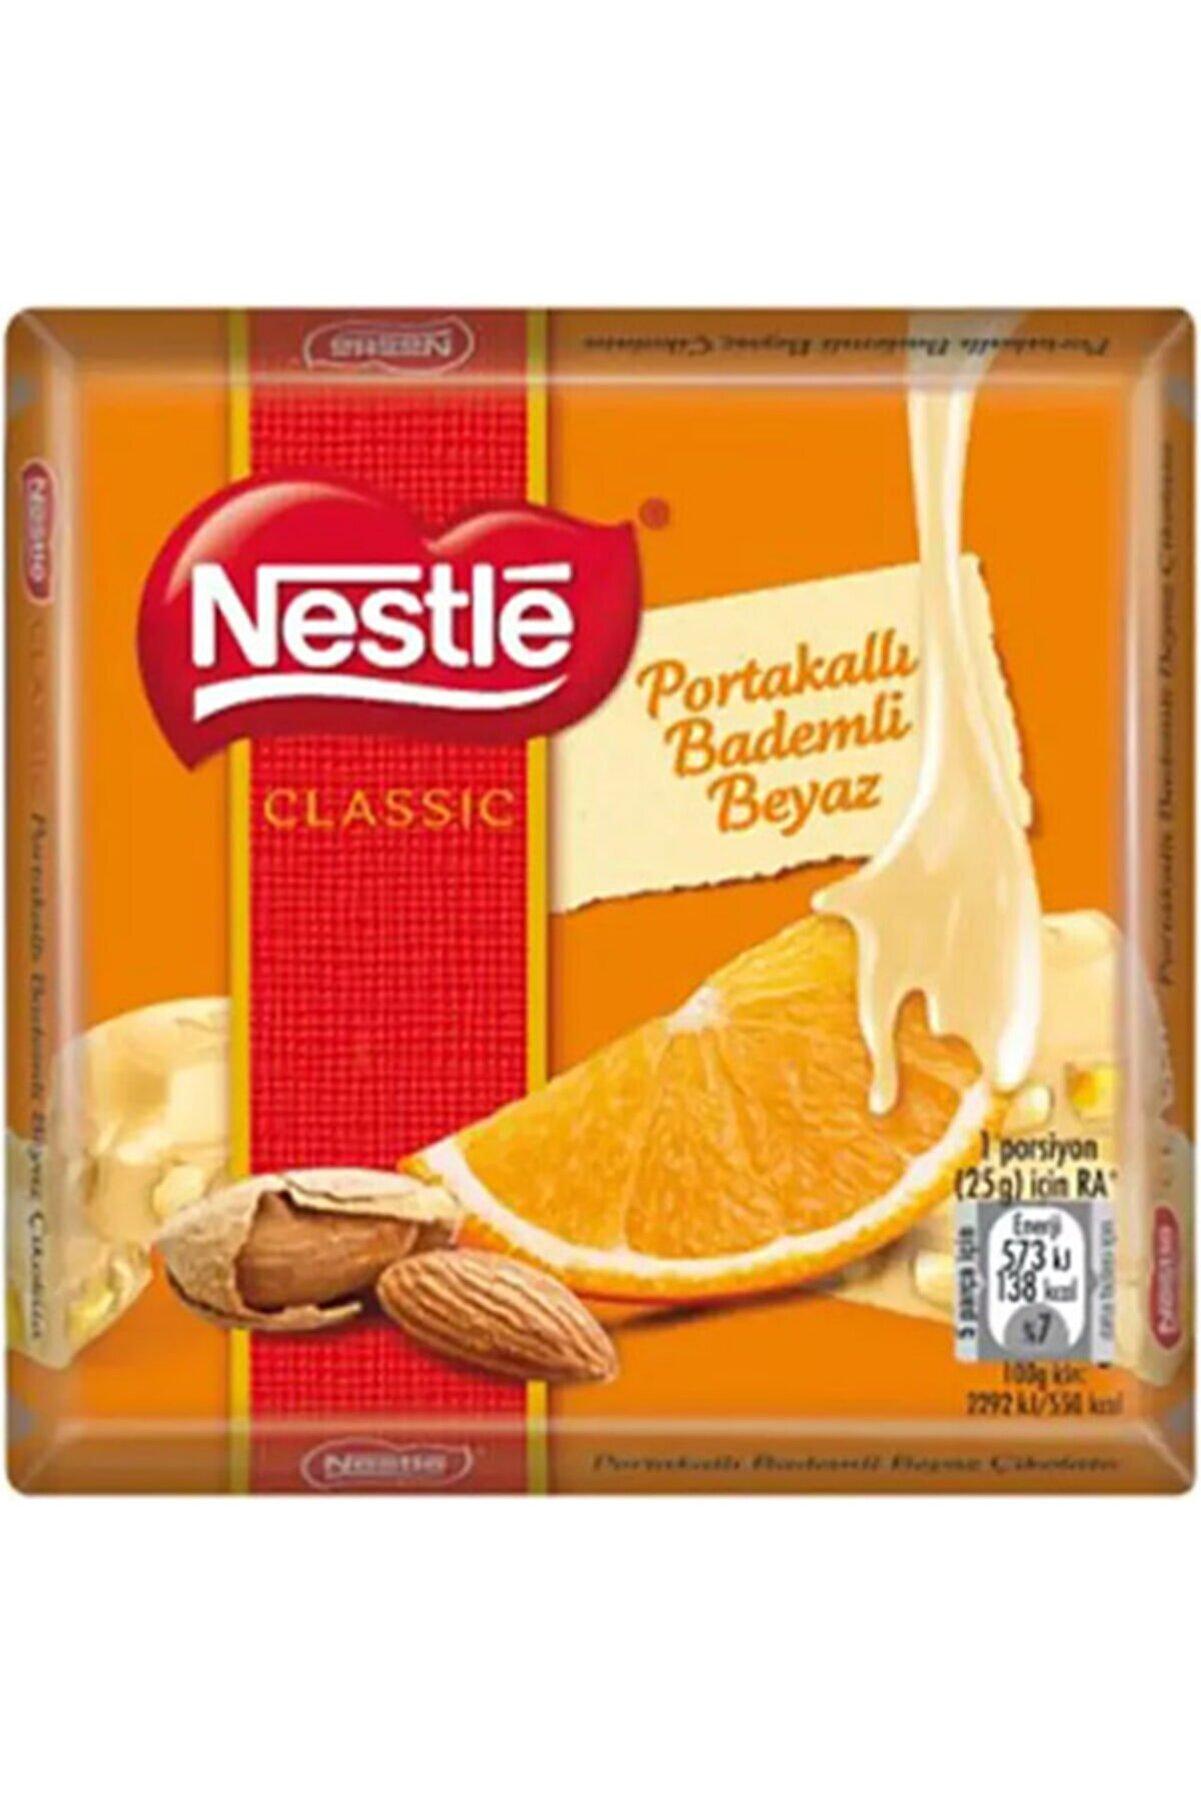 Nestle Portakallı Bademli Beyaz Çikolata 6 Adet 65 Gram